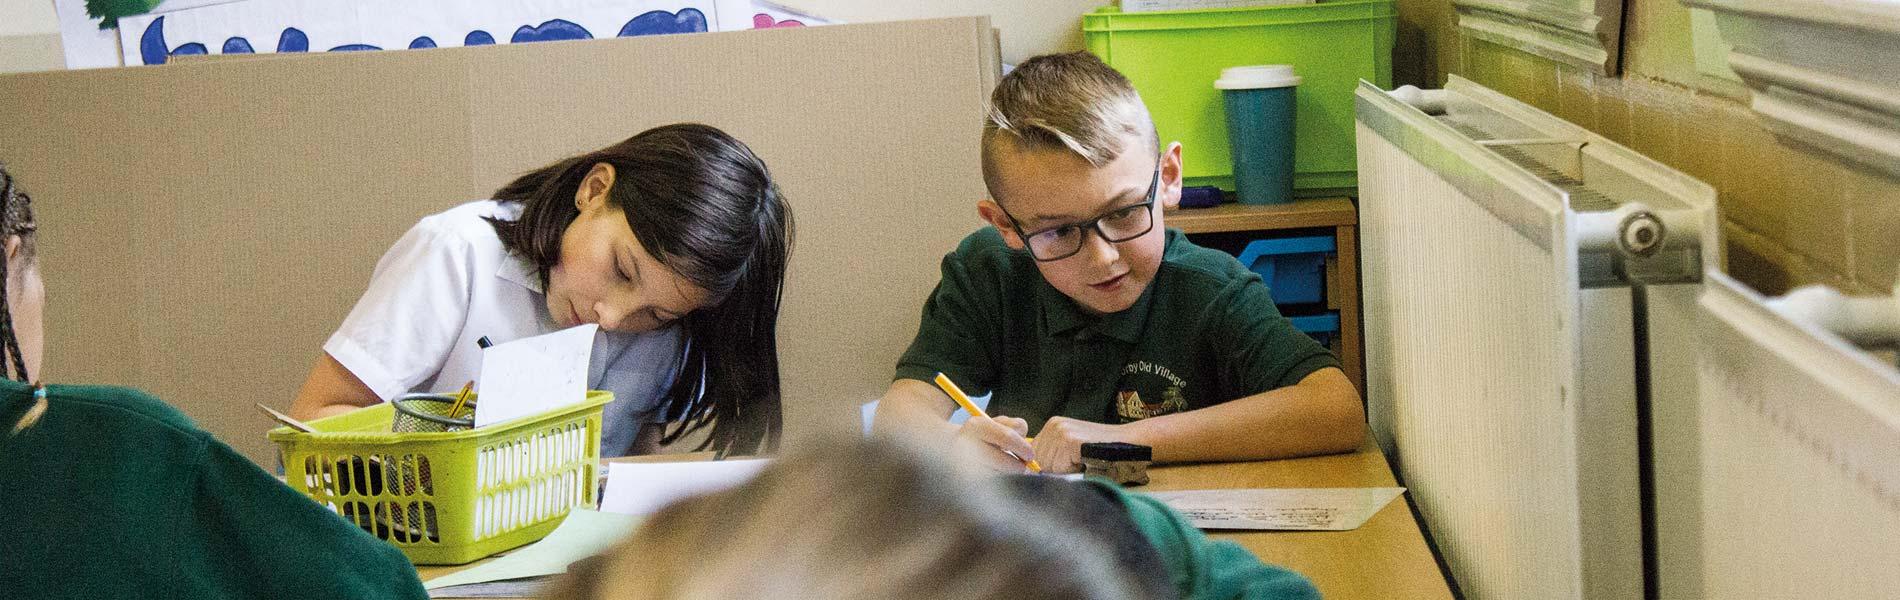 Pupils working hard together